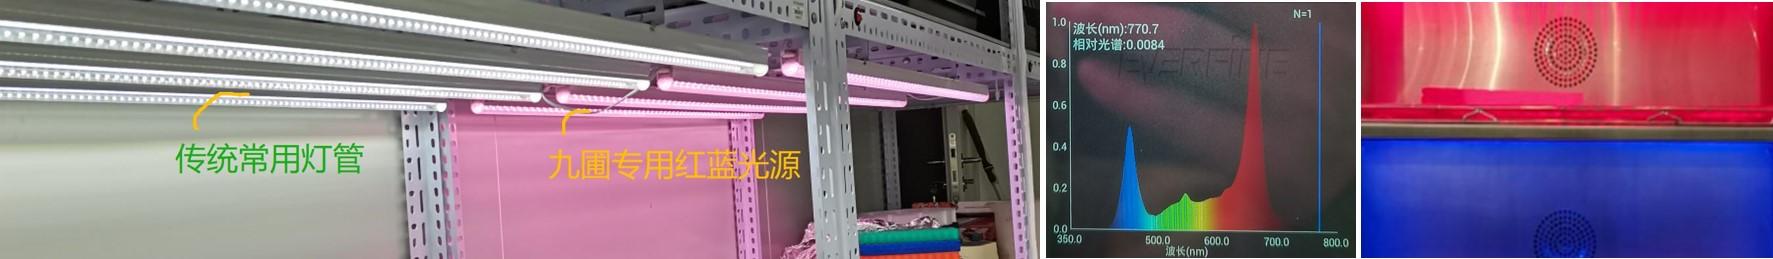 LED植物灯有什么优点